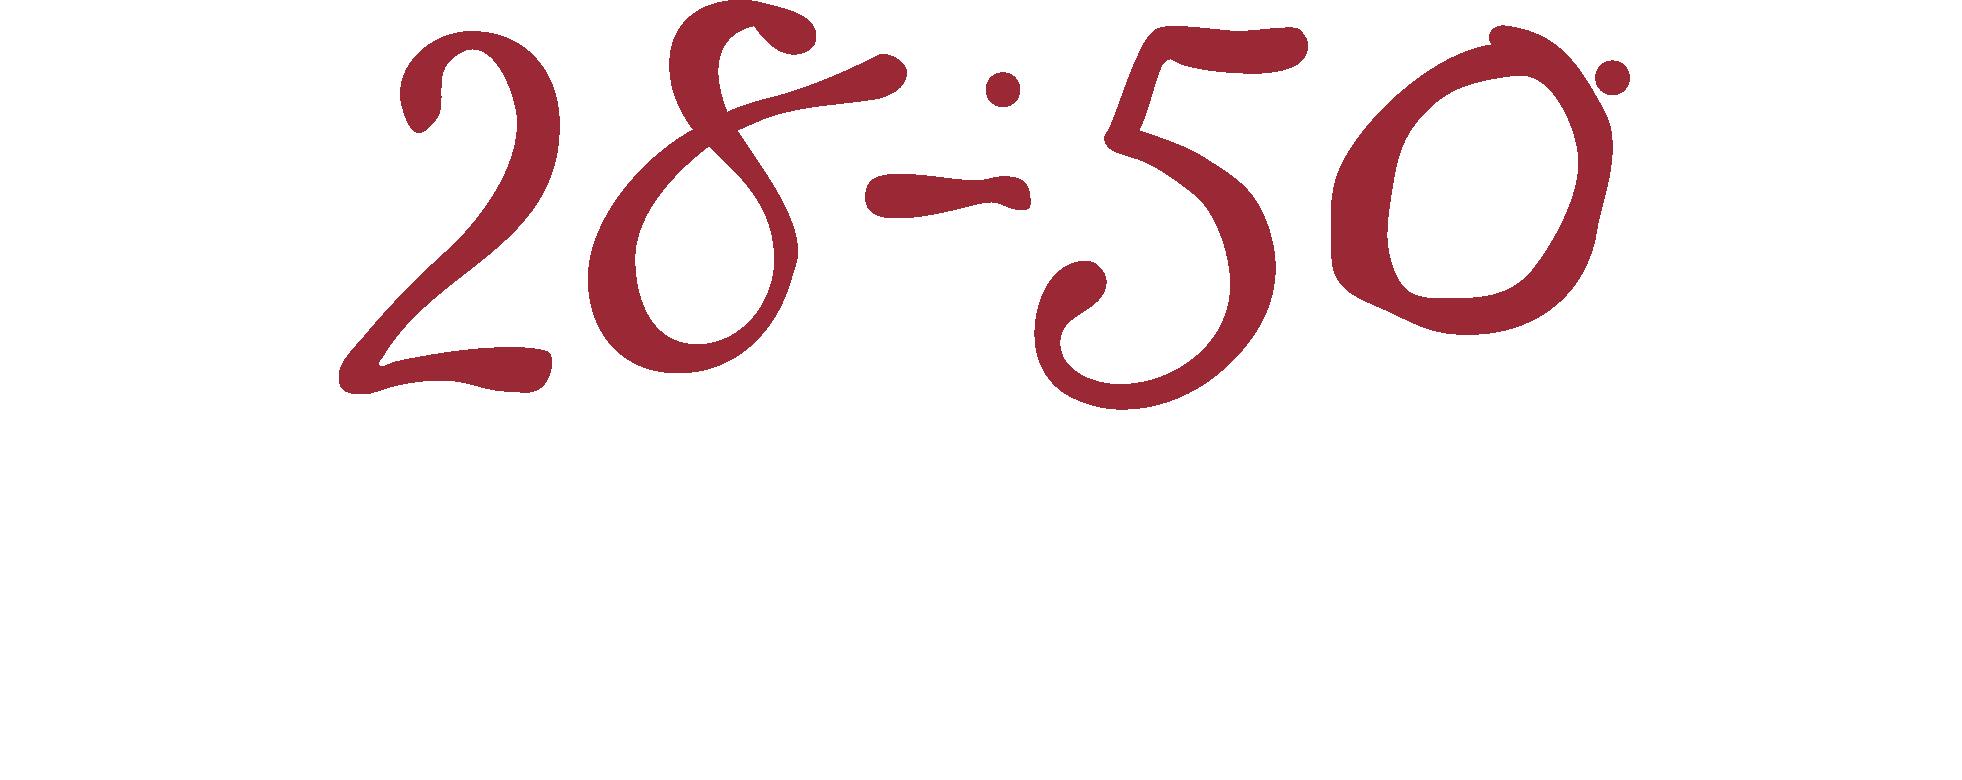 28-50 Chelsea